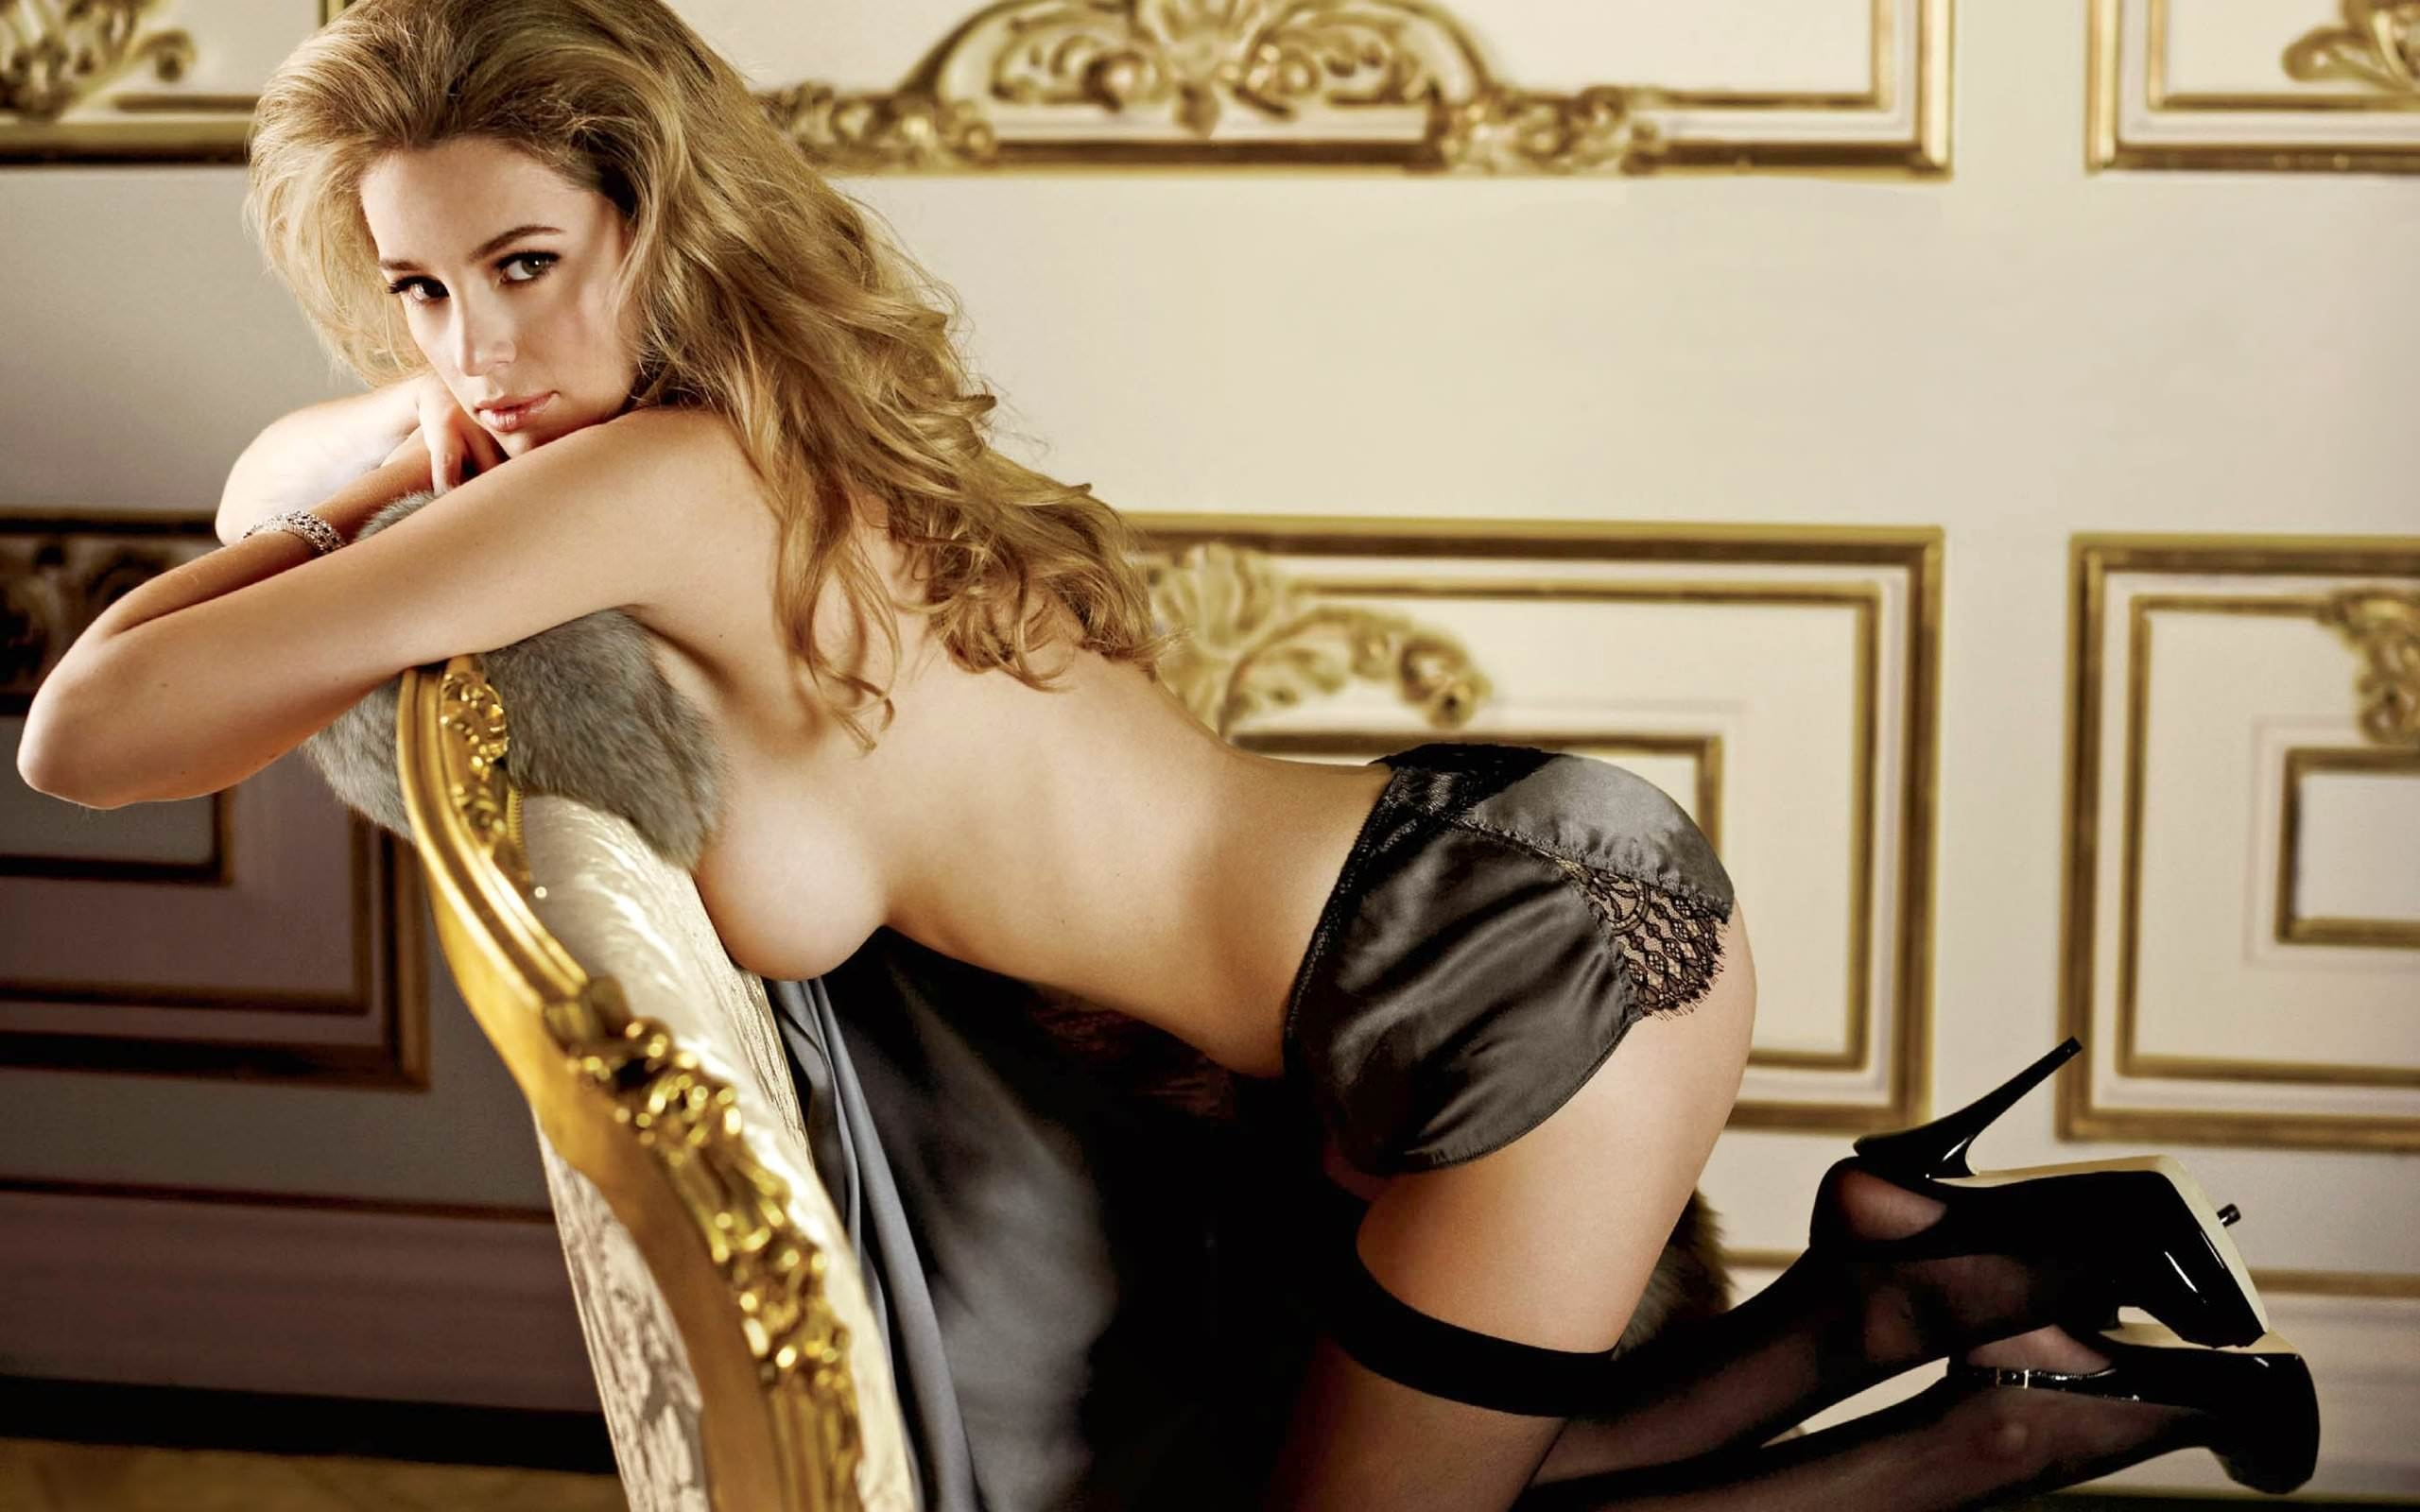 Фото Сексапильная девушка в черной кожаной юбке и чулочках, каблуки, обнаженной грудью прижалась к позолоченному креслу в гостиной. Sexy babe, latex skirt, black stockings, naked tits, gold chair, no bra, posing, sexy, voluminous hair, скачать картинку бесплатно